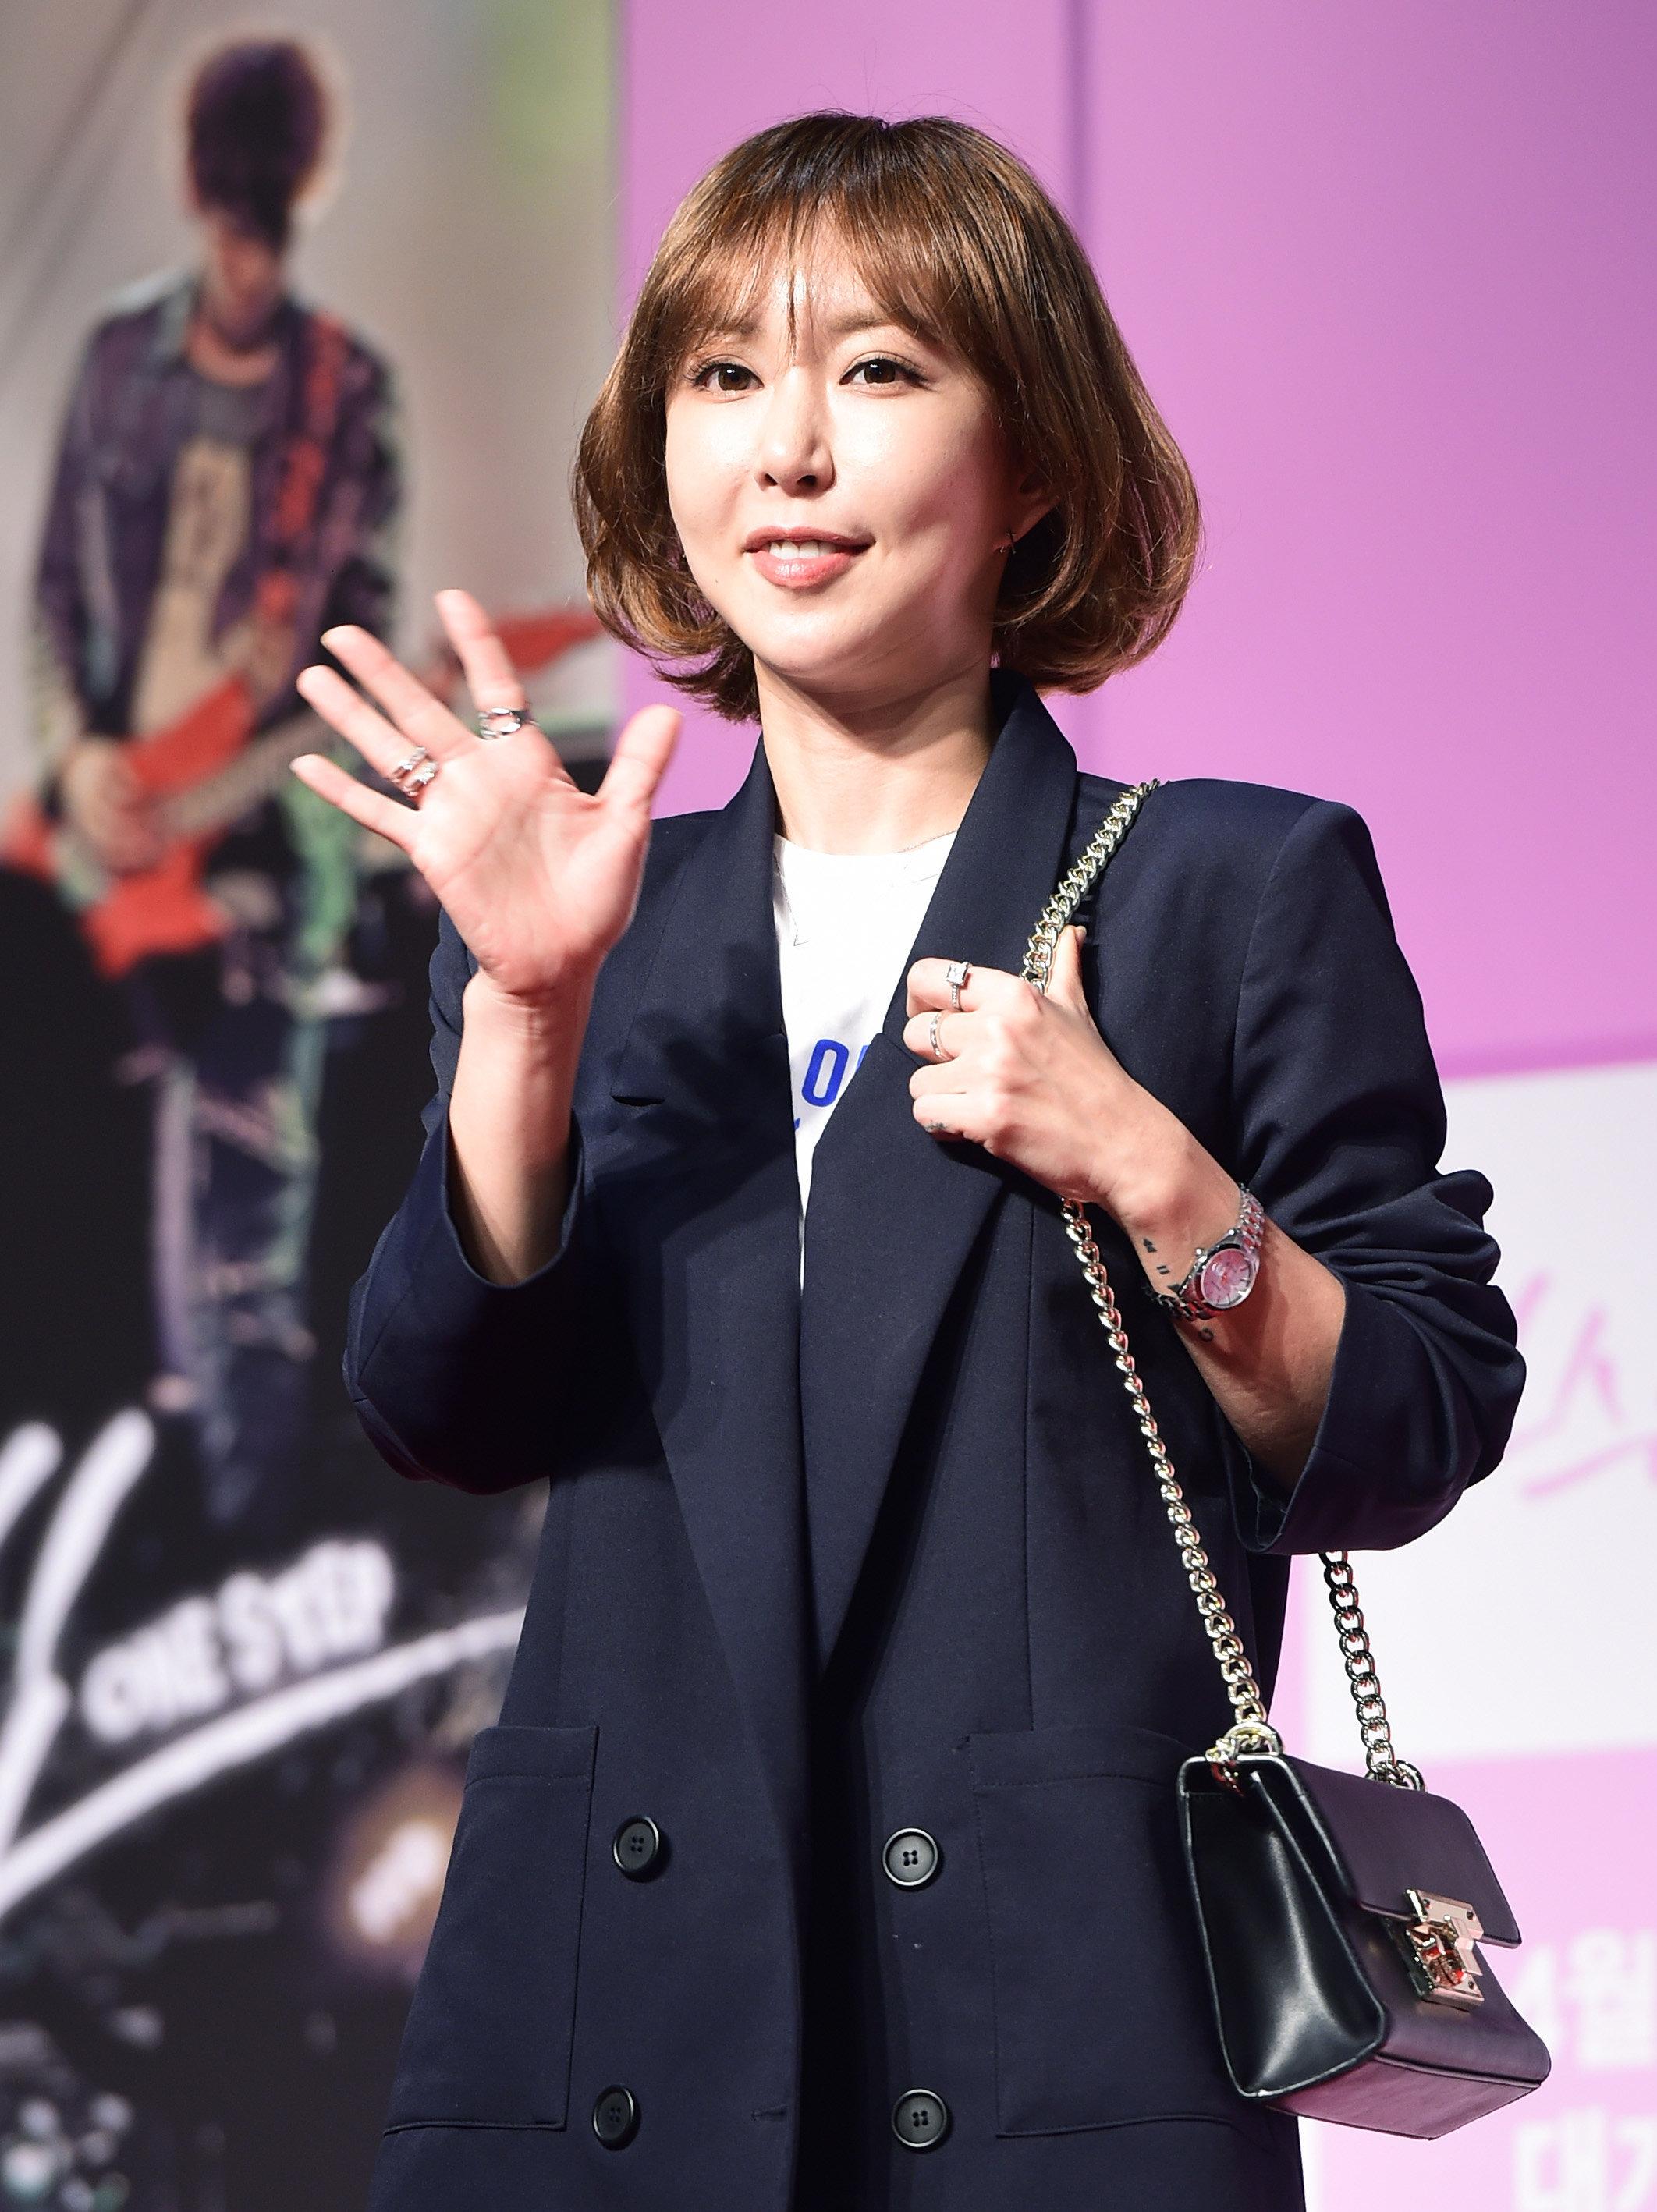 유진에 이어 슈 측도 '걸그룹 도박 사기' 의혹에 입장을